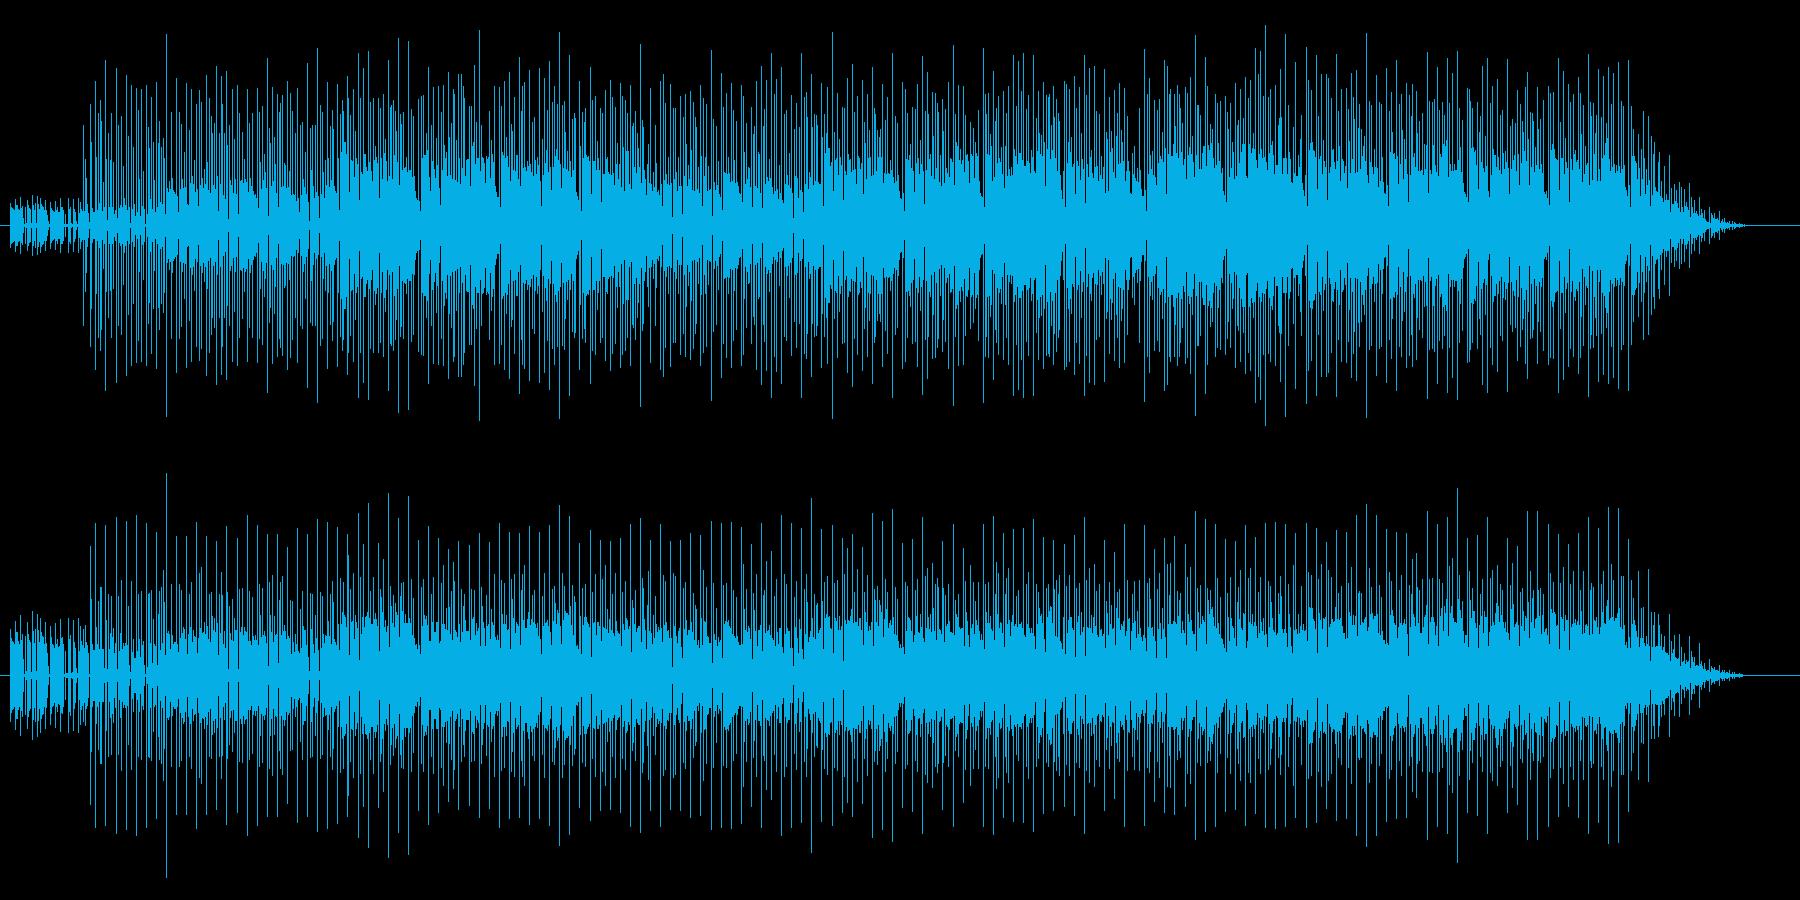 ほのぼのしたジャズの再生済みの波形